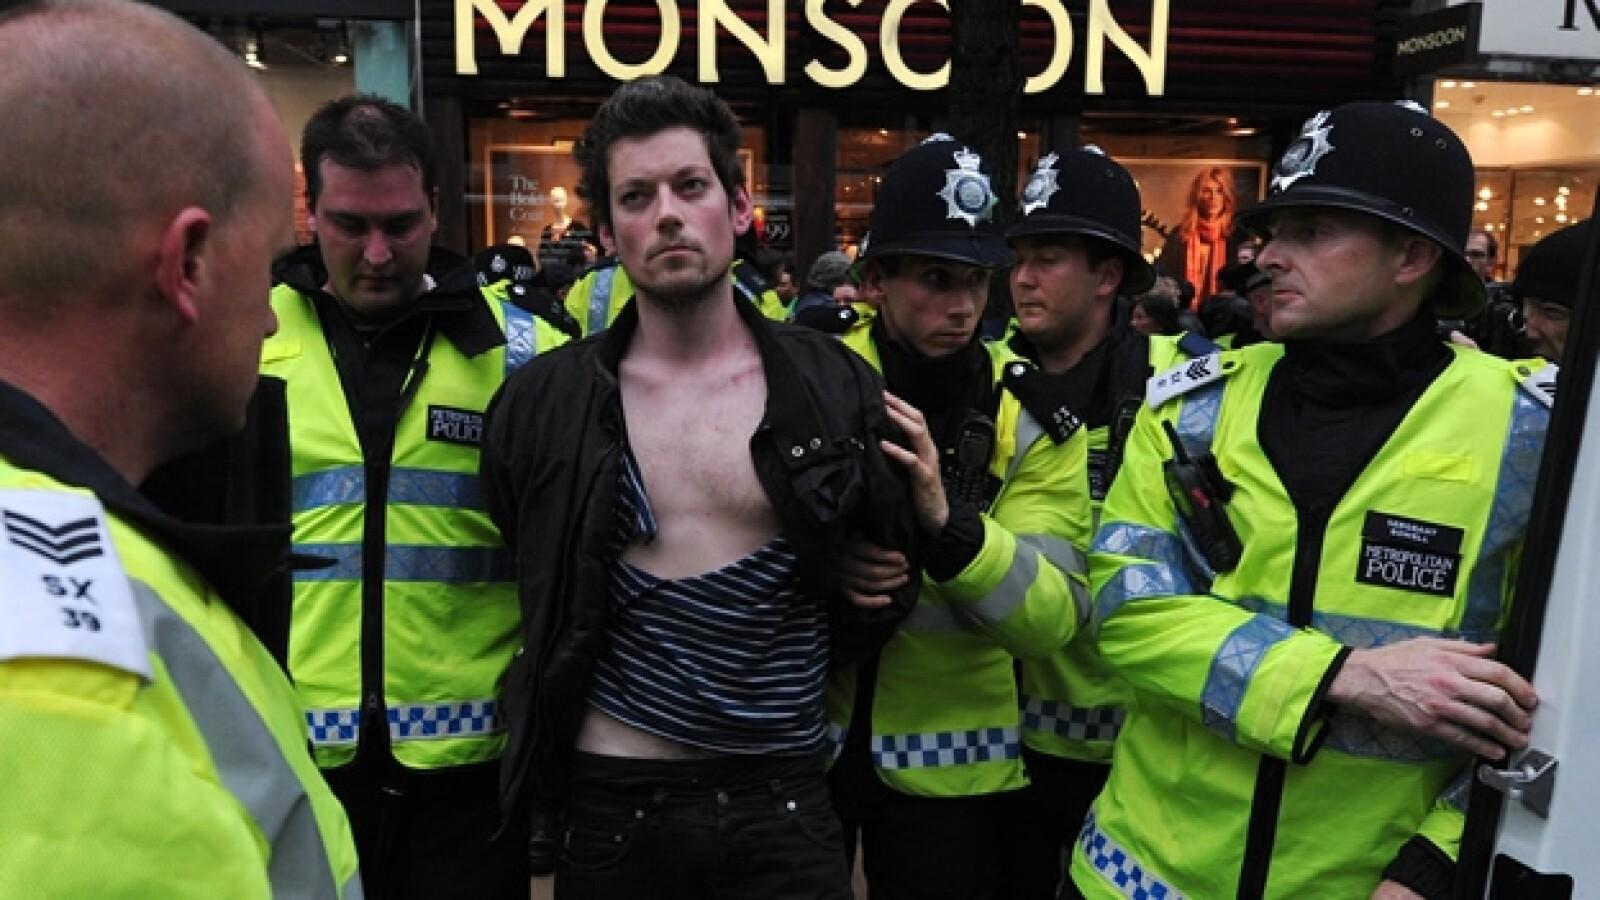 Londres protestas recortes 2